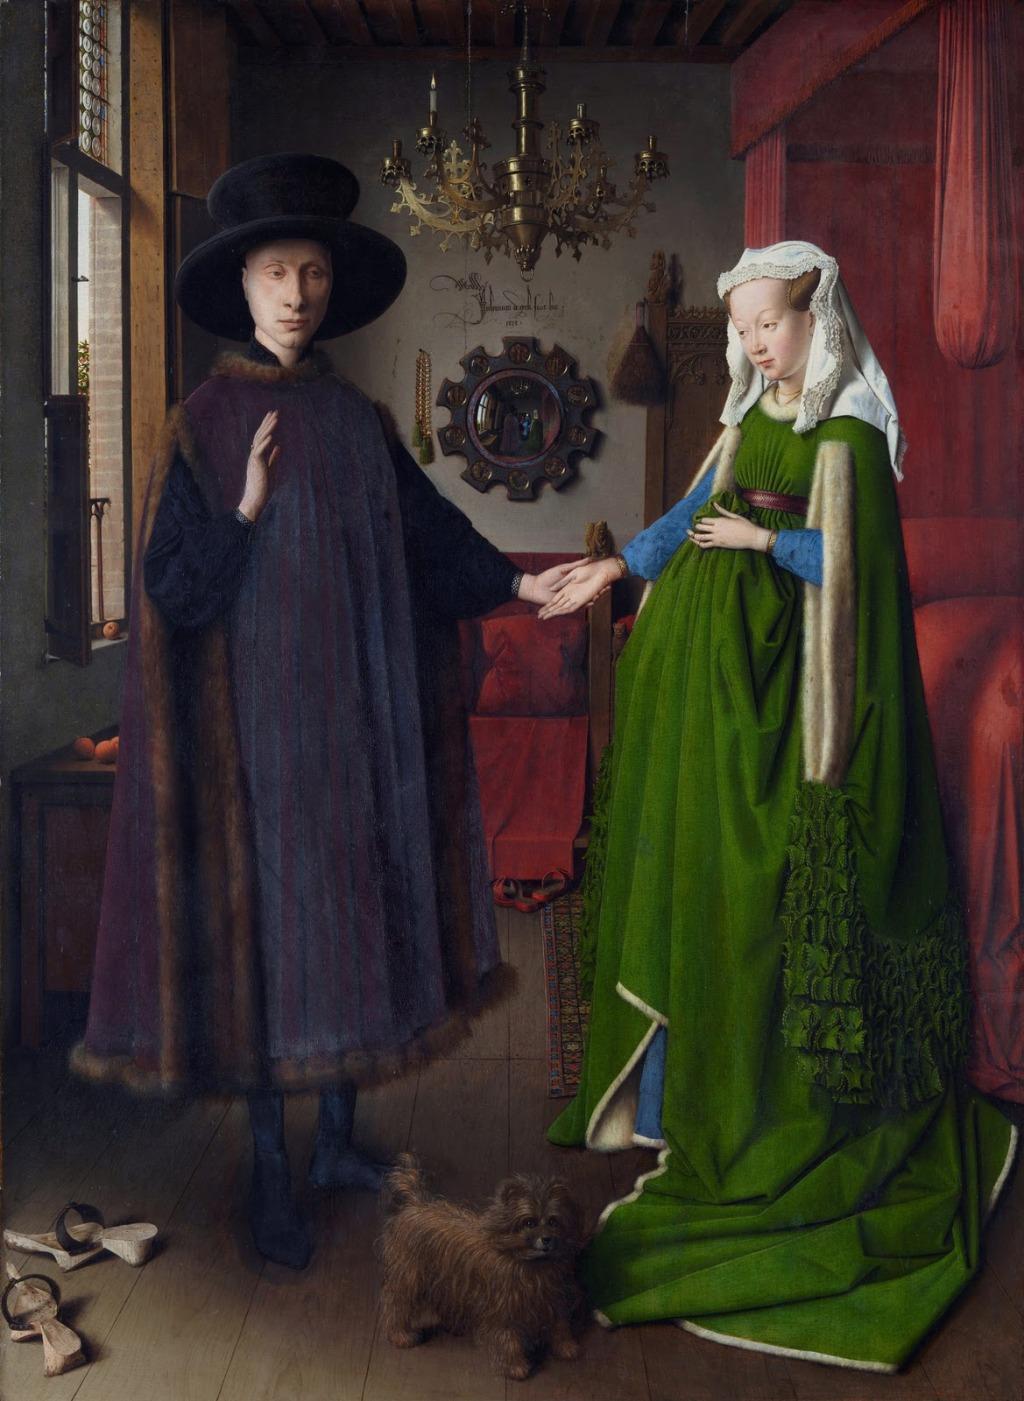 Figura 1 - Jan van Eyck. Os Esponsais dos Arnolfini, 1434. Óleo sobre madeira, 81,8 x 59,7 cm; National Gallery, Londres.